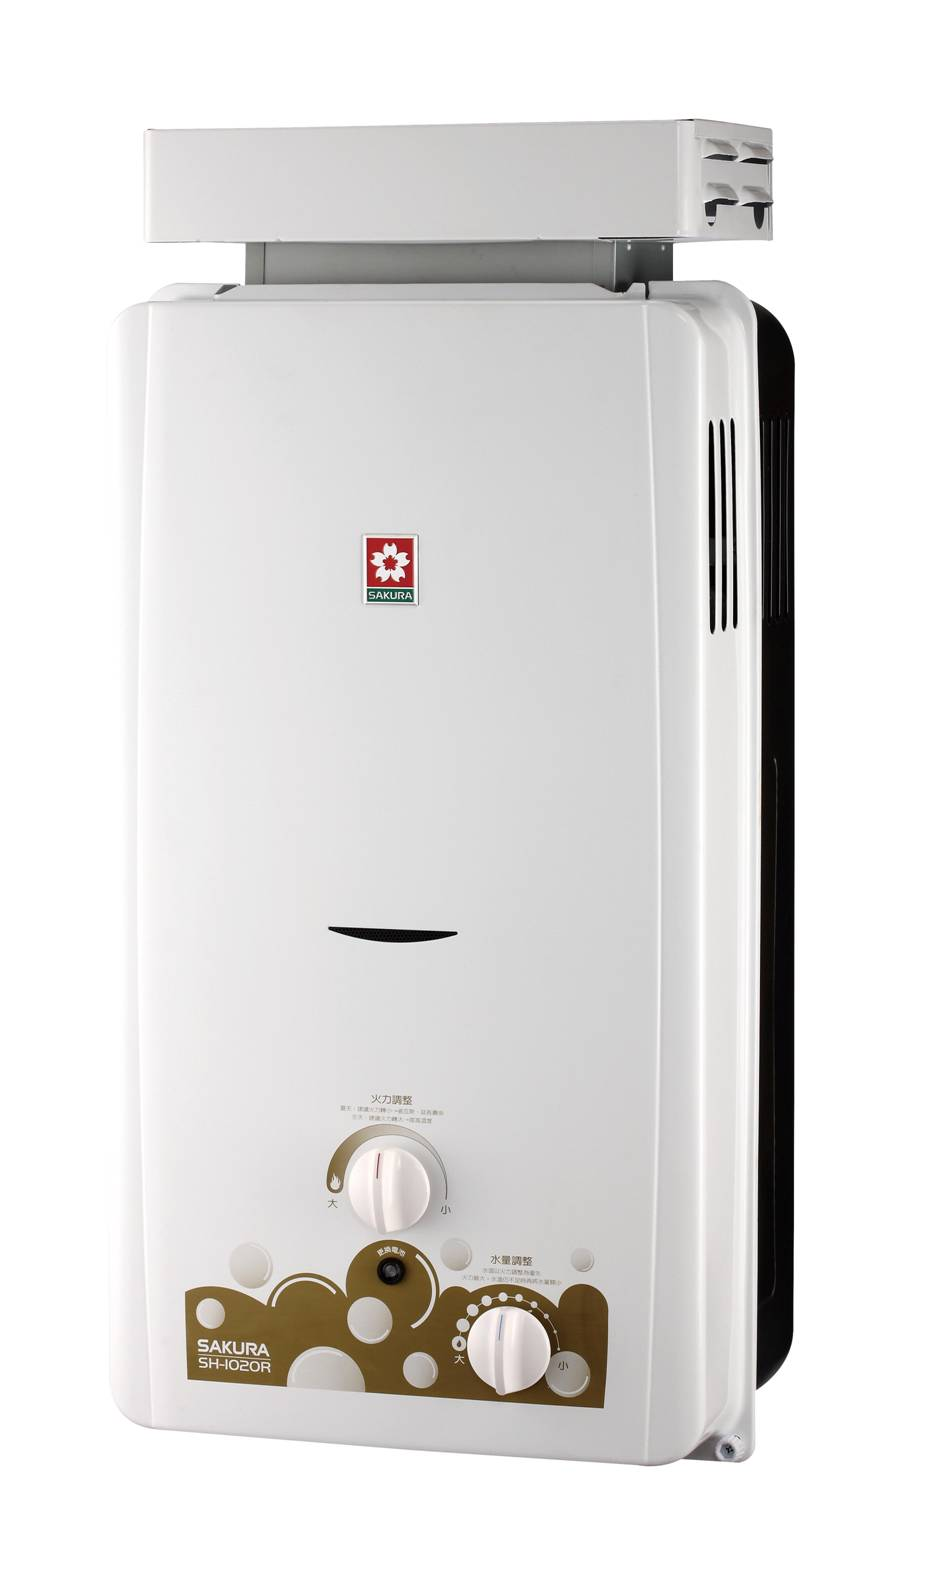 抗風裝置防空燒 10L 櫻花牌熱水器